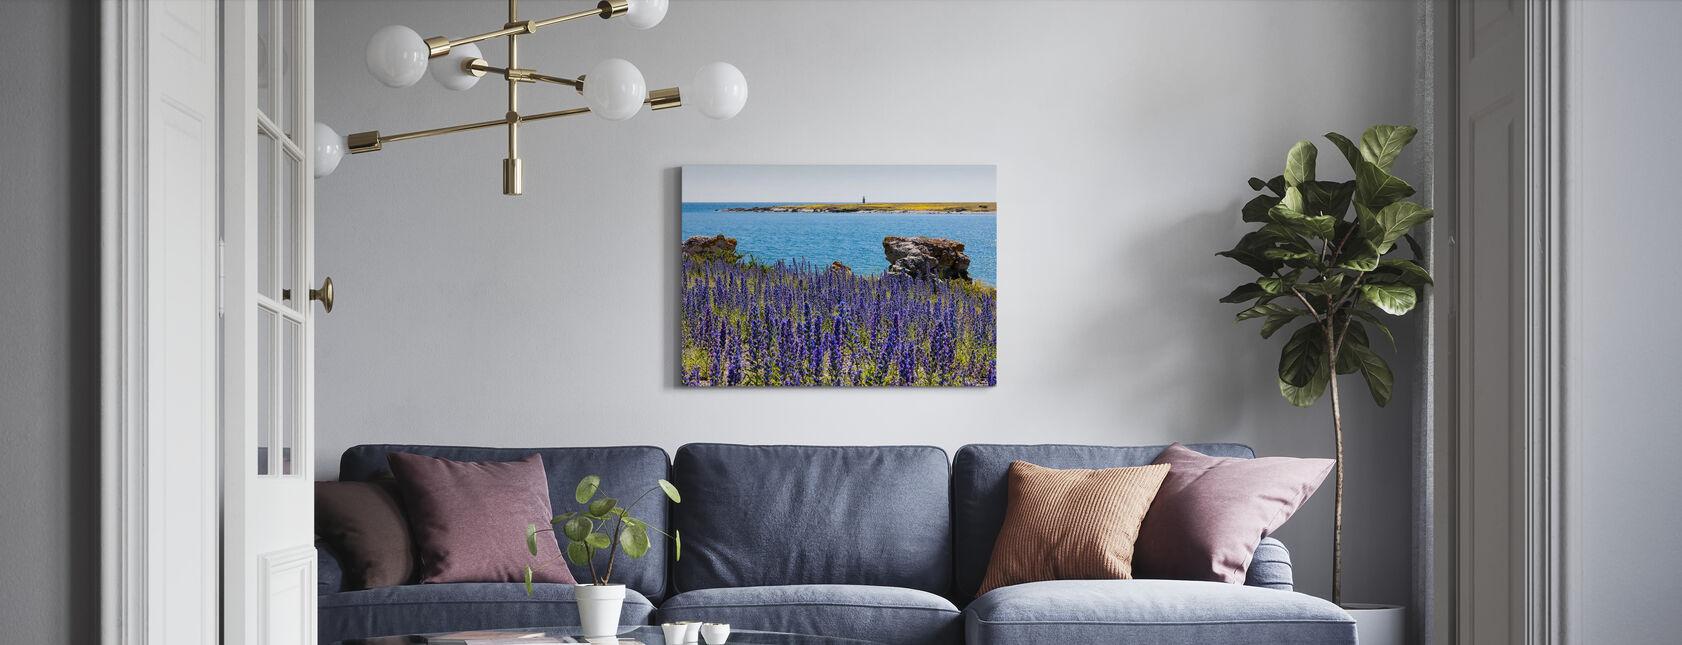 Gotland Sommerlandskap - Lerretsbilde - Stue